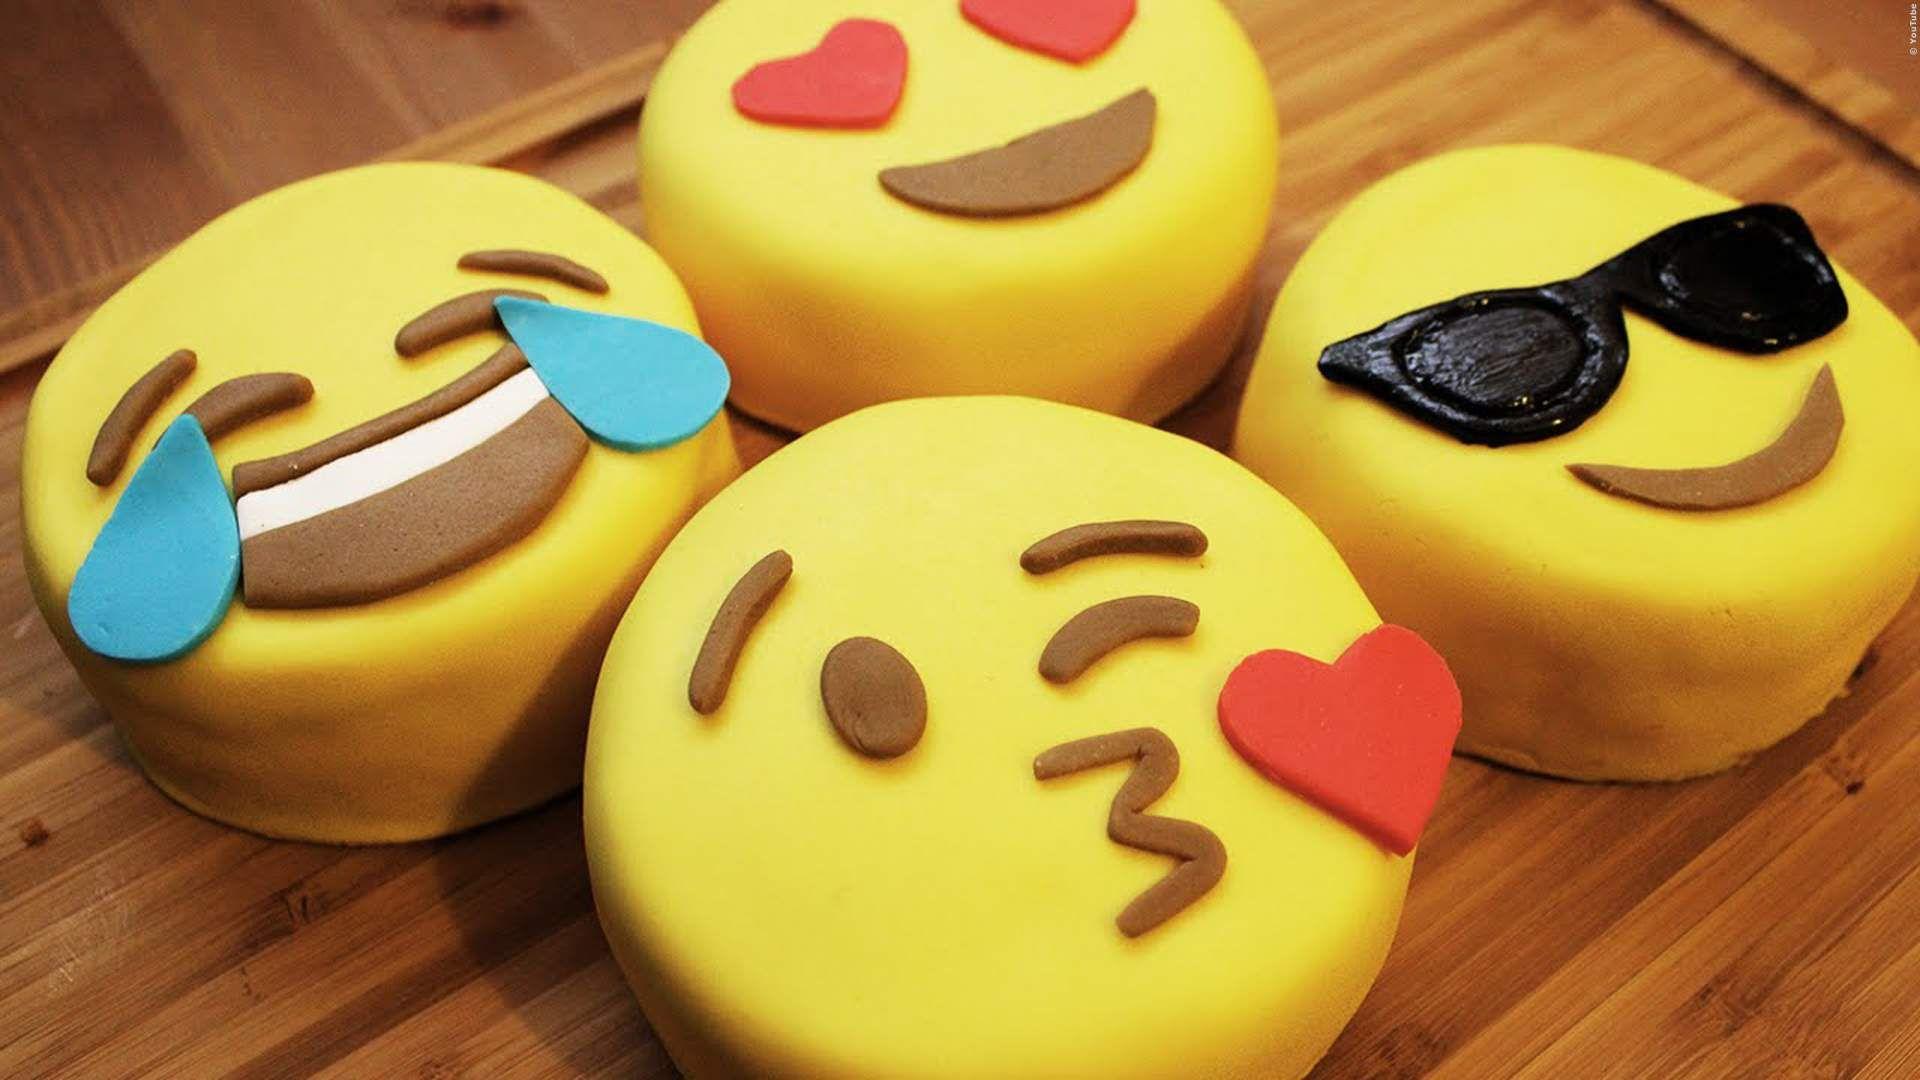 DIY-Video: Leckere Emoji-Kuchen selber backen - Das wird